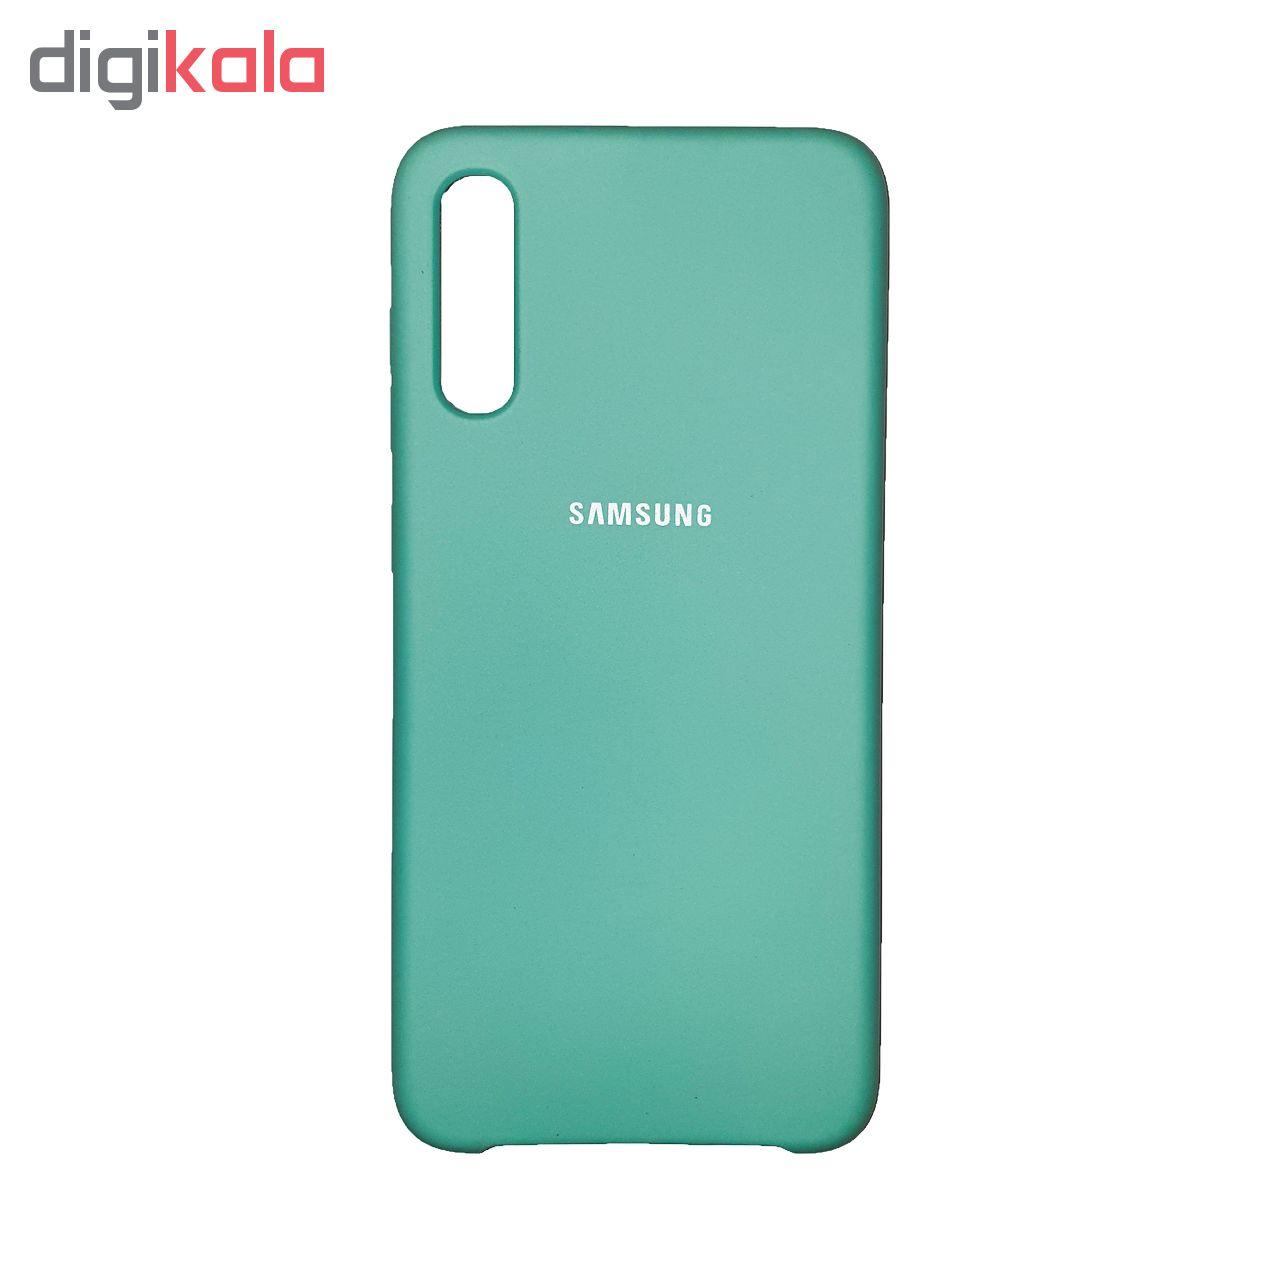 کاور سامسونگ مدل Slc مناسب برای گوشی موبایل سامسونگ Galaxy A70